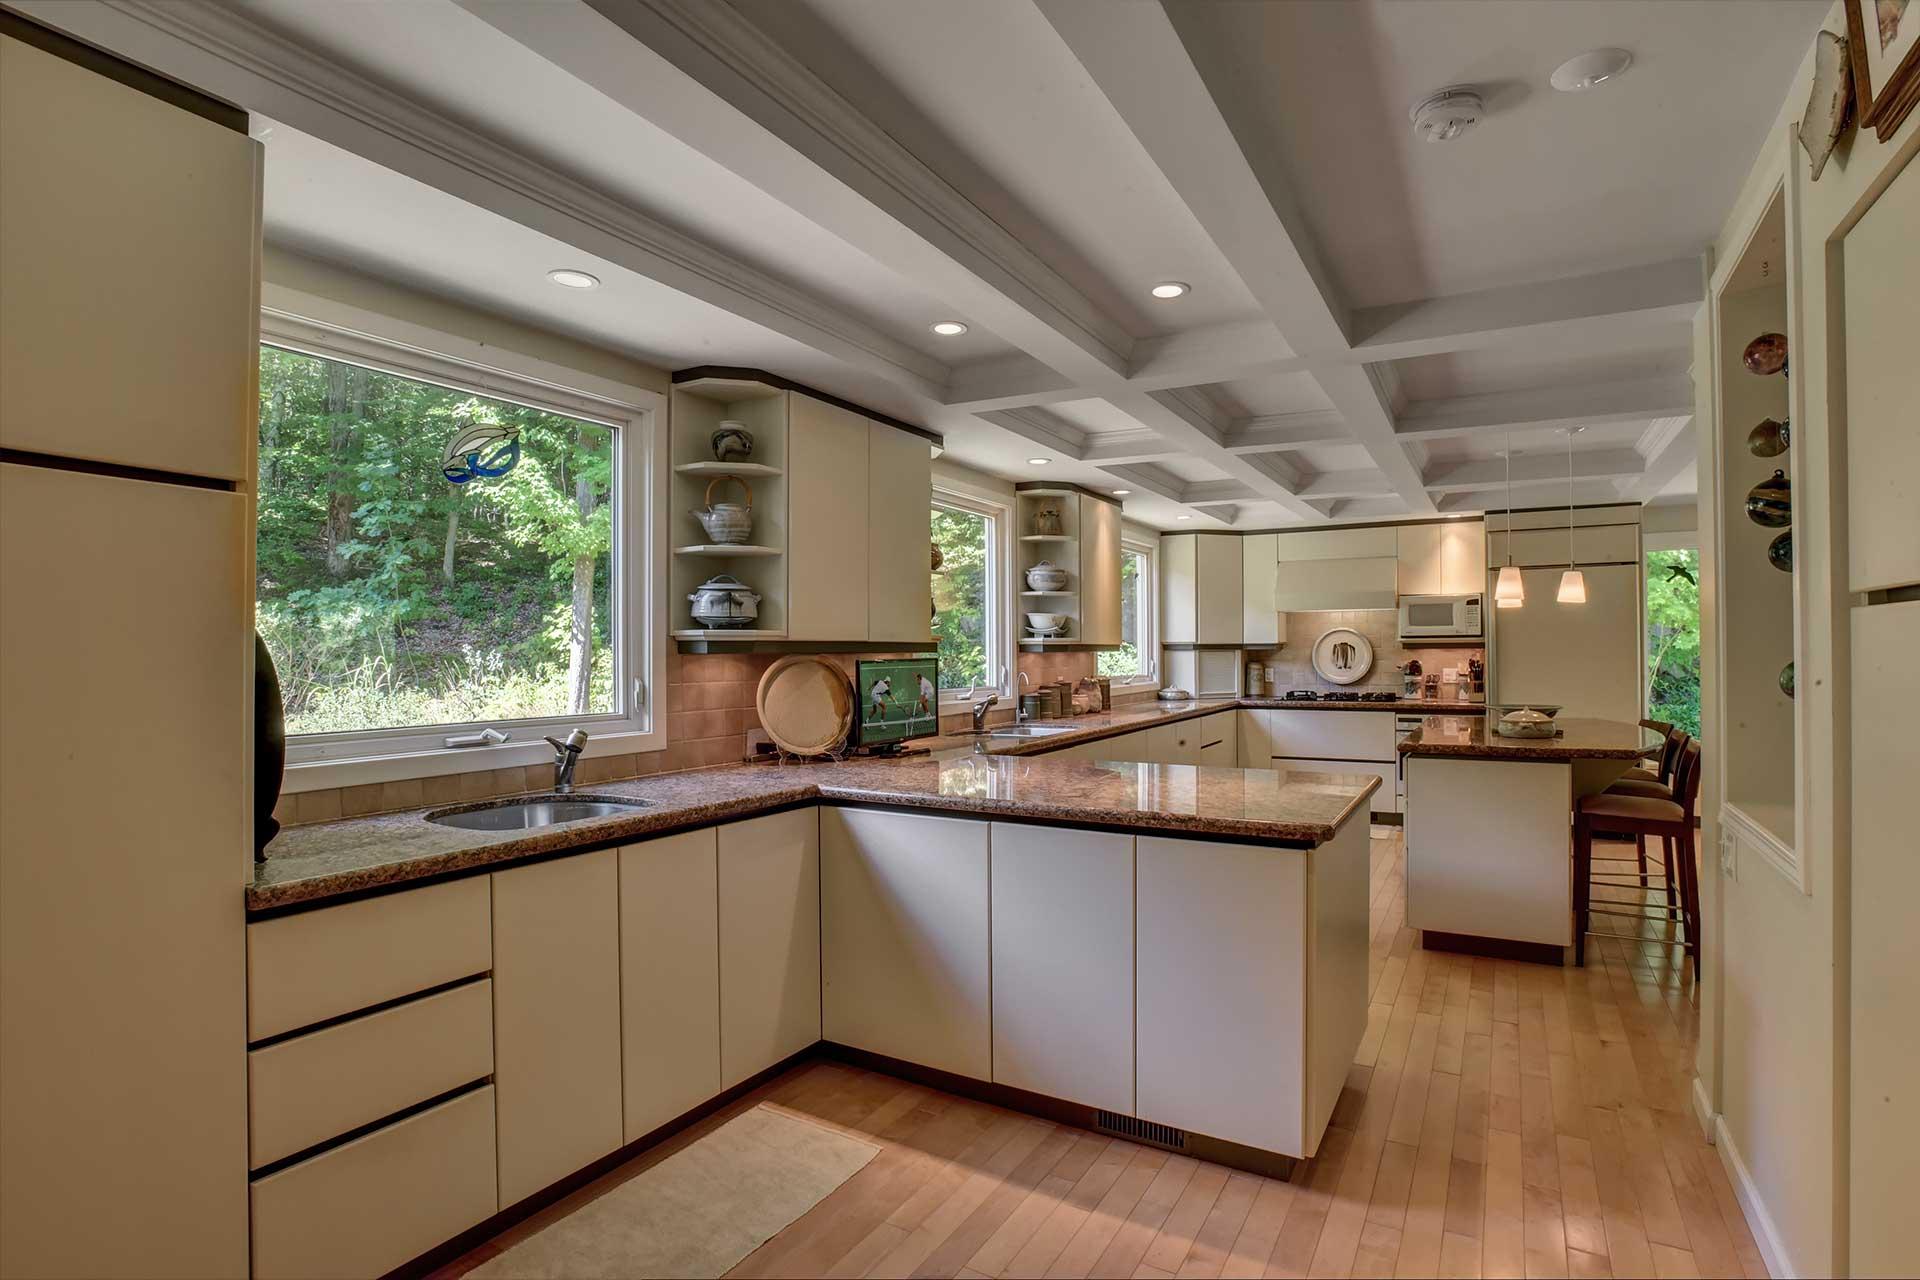 Kitchen - Pot Lights, Maple Flooring